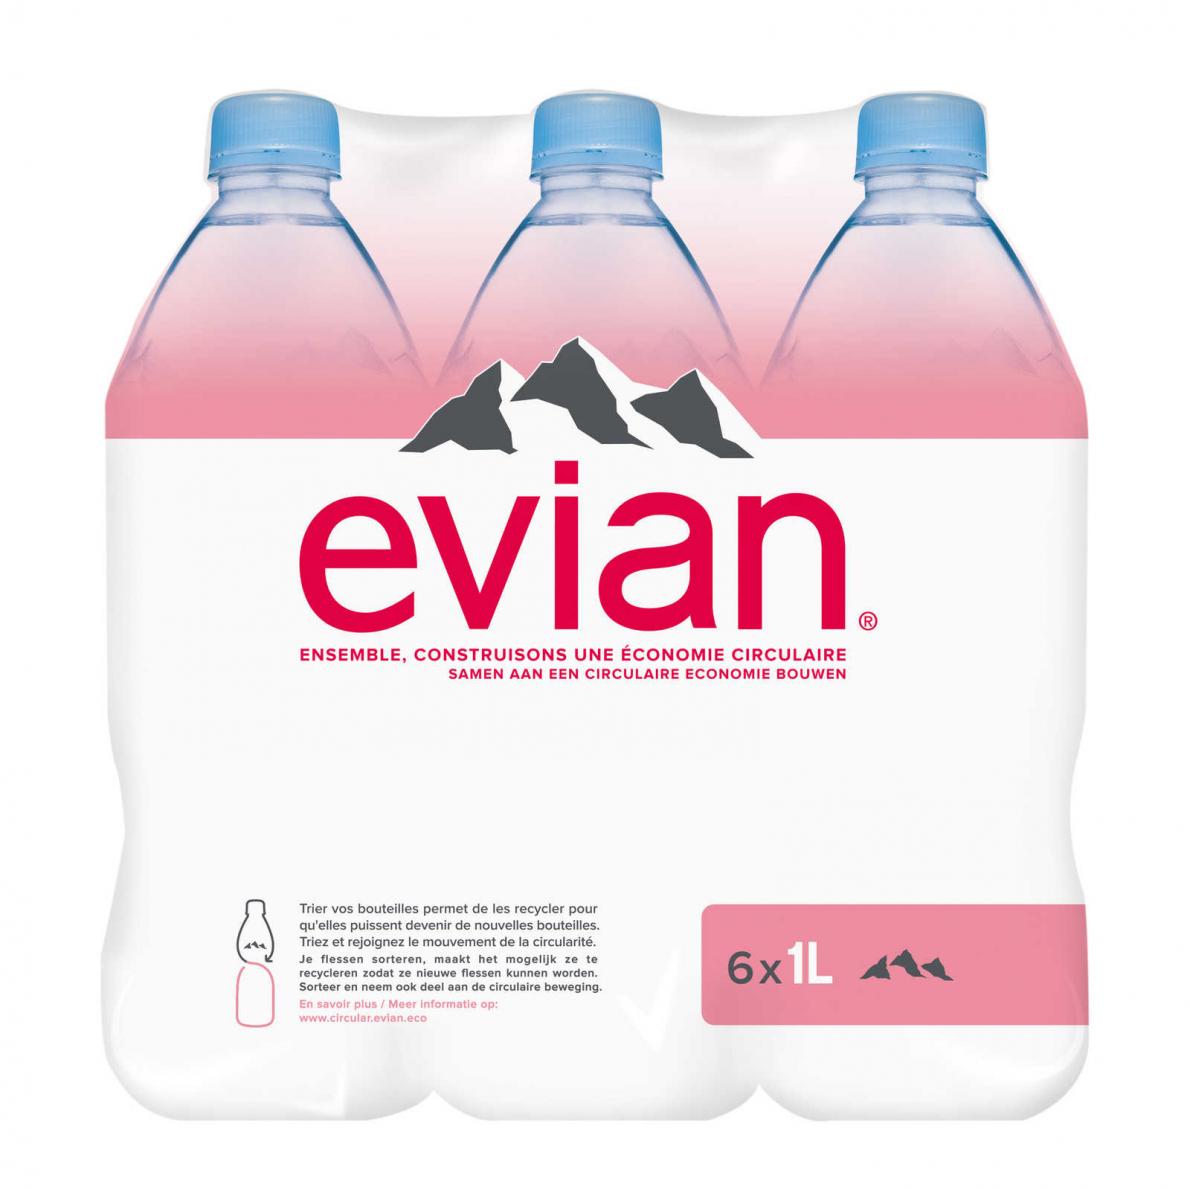 Calendrier Evian.Les Bouteilles D Evian Appellent A Participer Au Mouvement